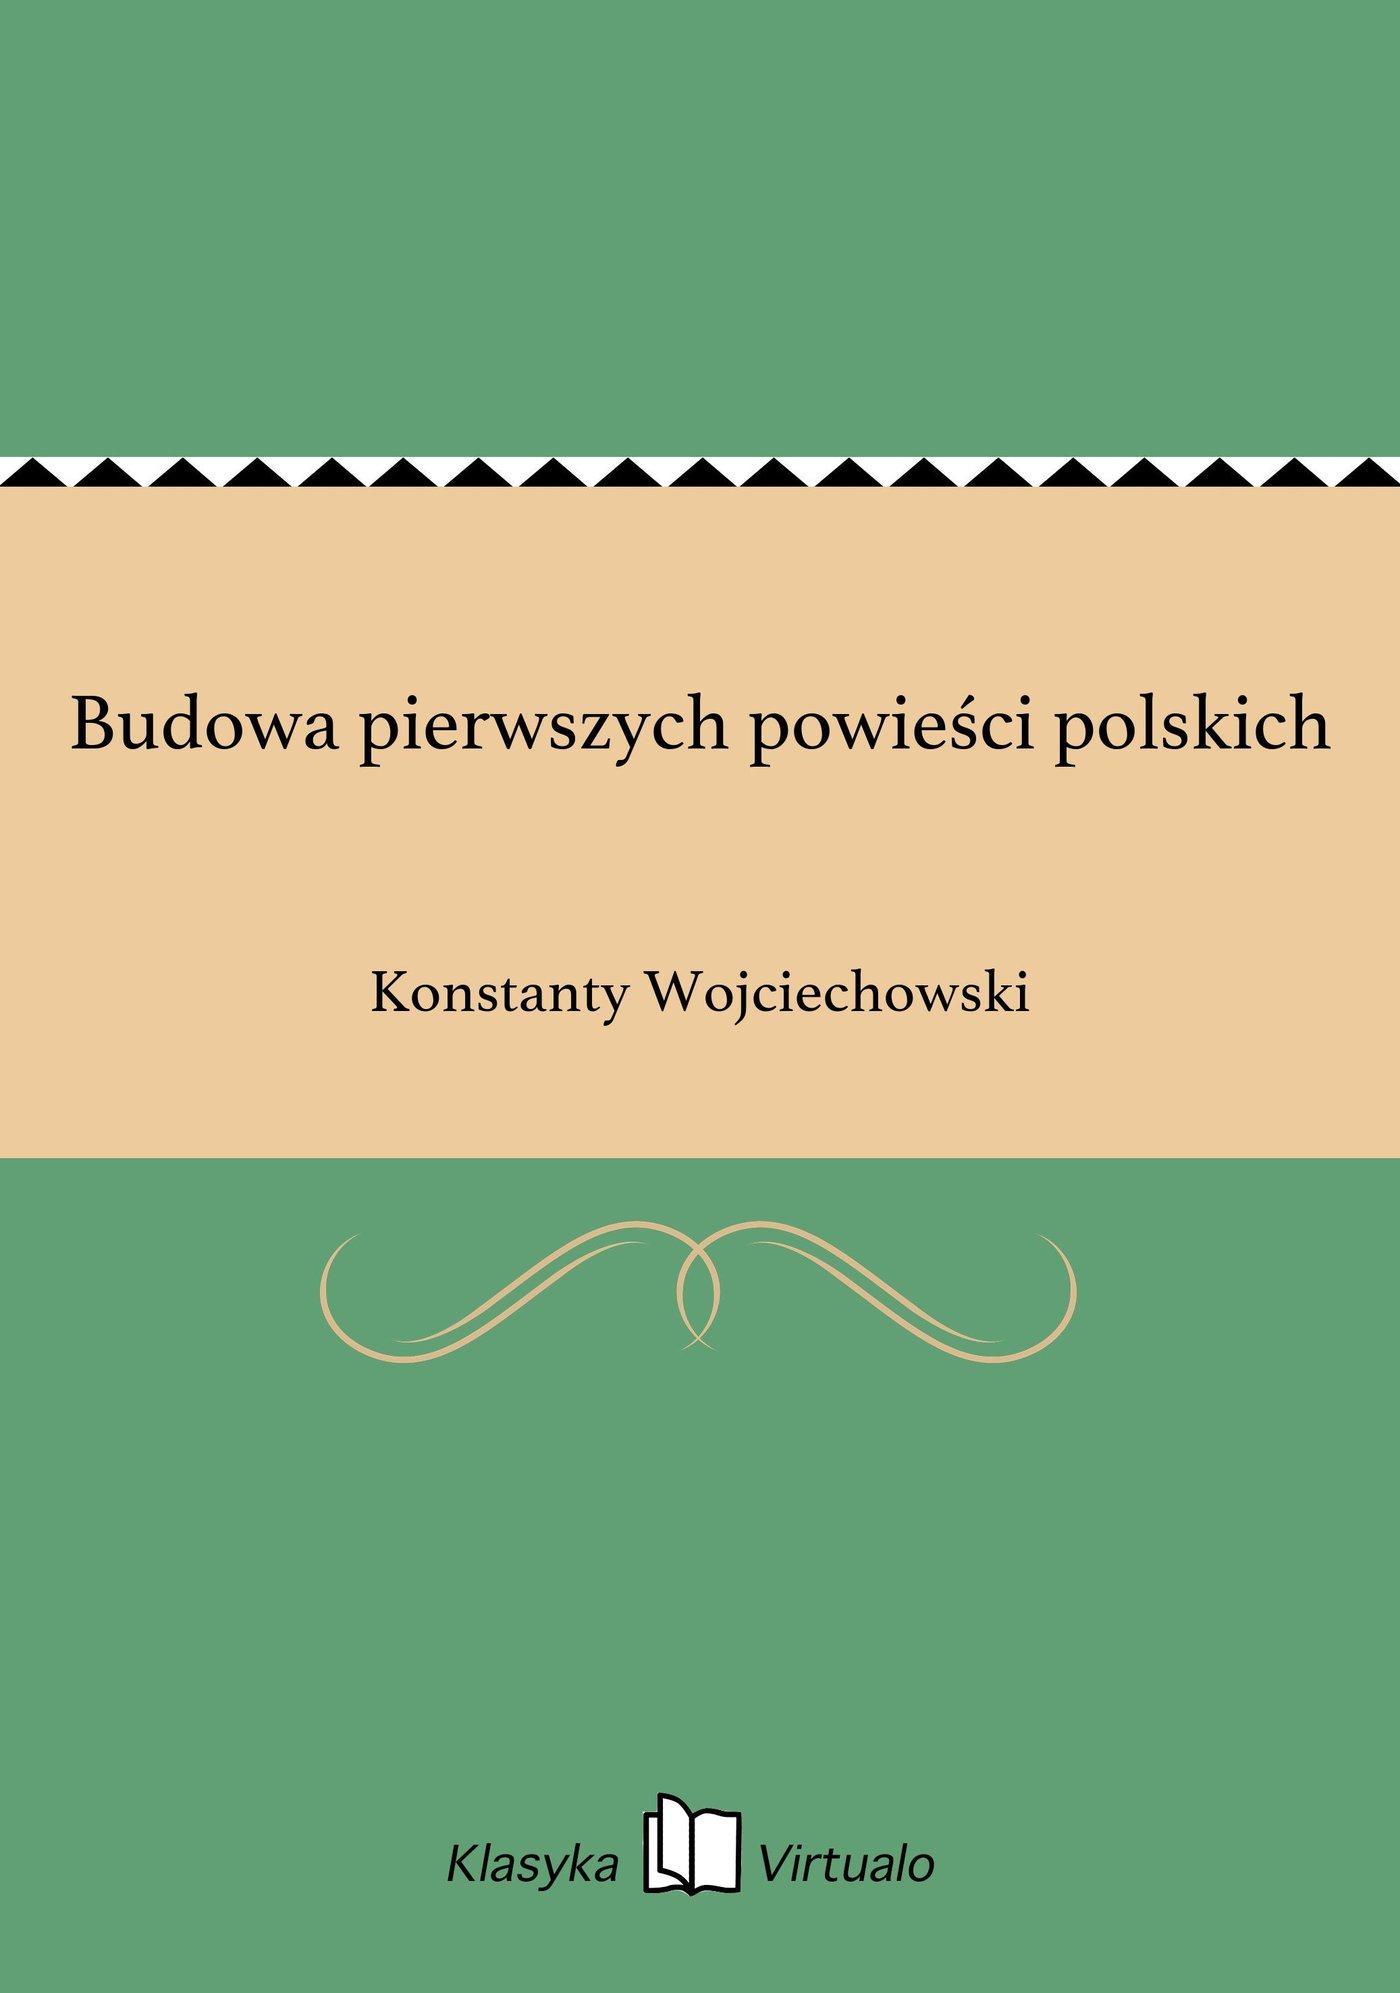 Budowa pierwszych powieści polskich - Ebook (Książka EPUB) do pobrania w formacie EPUB